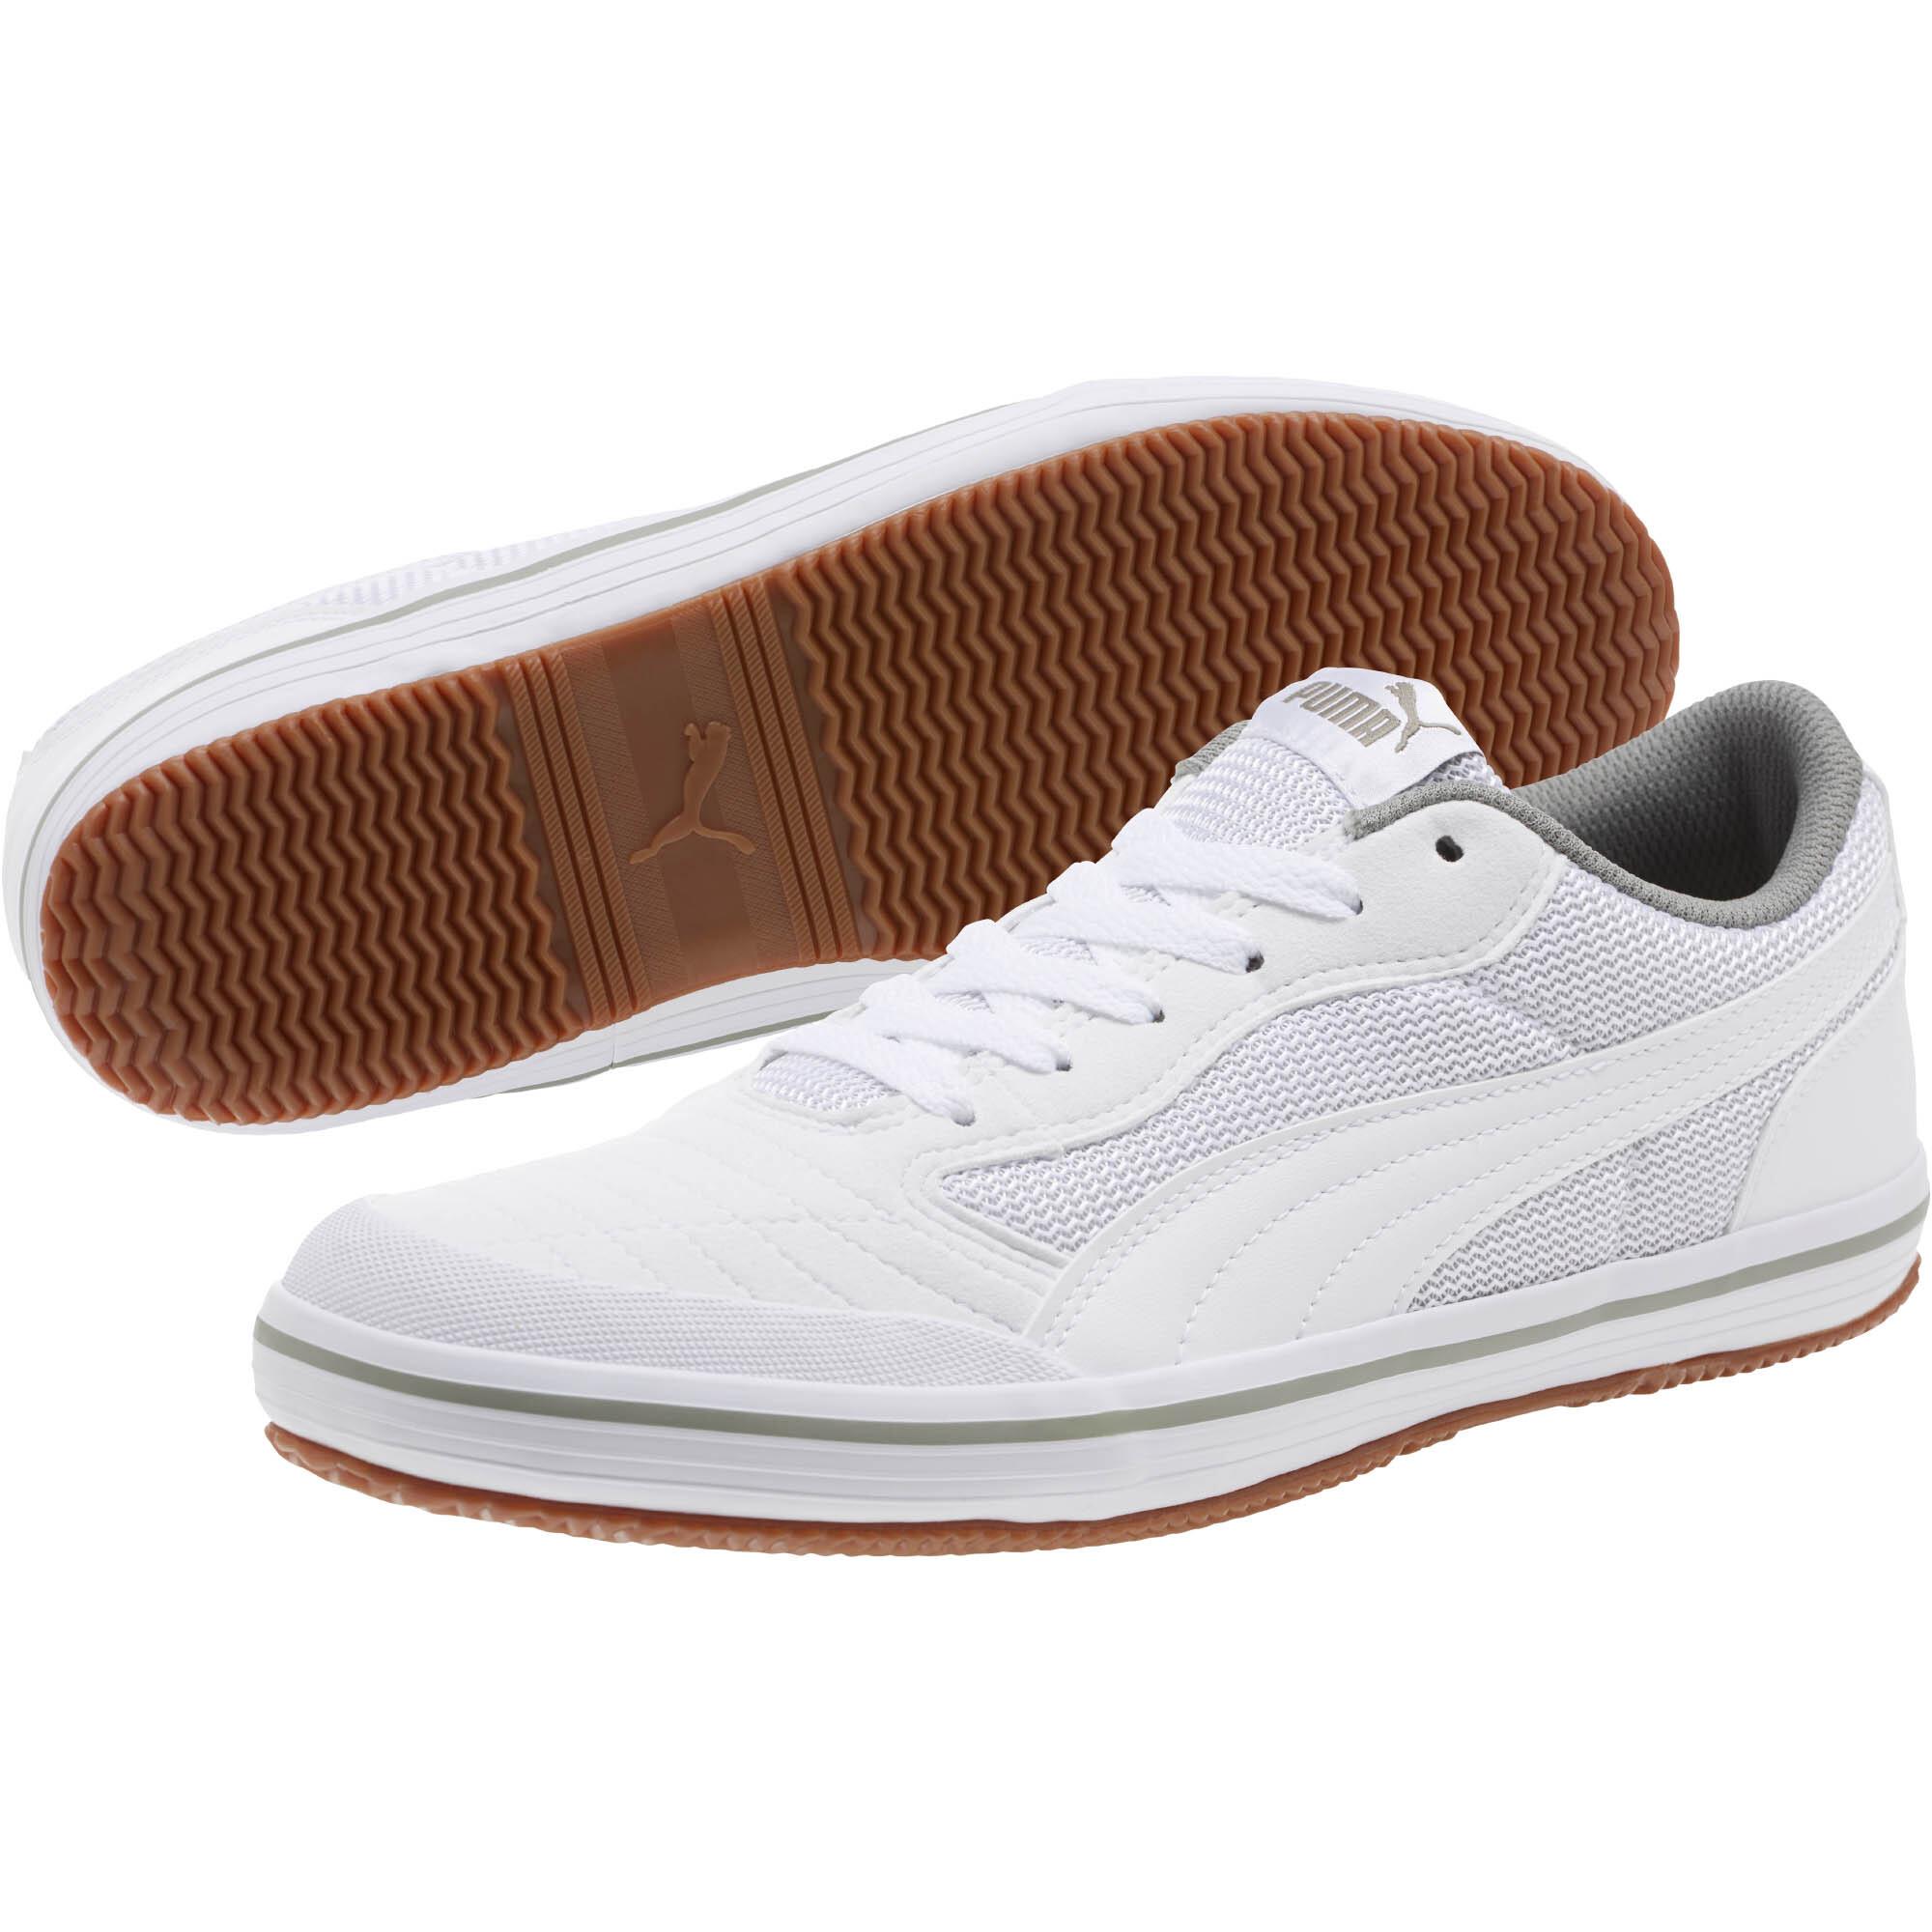 PUMA-Astro-Sala-Men-039-s-Sneakers-Men-Shoe-Basics thumbnail 19